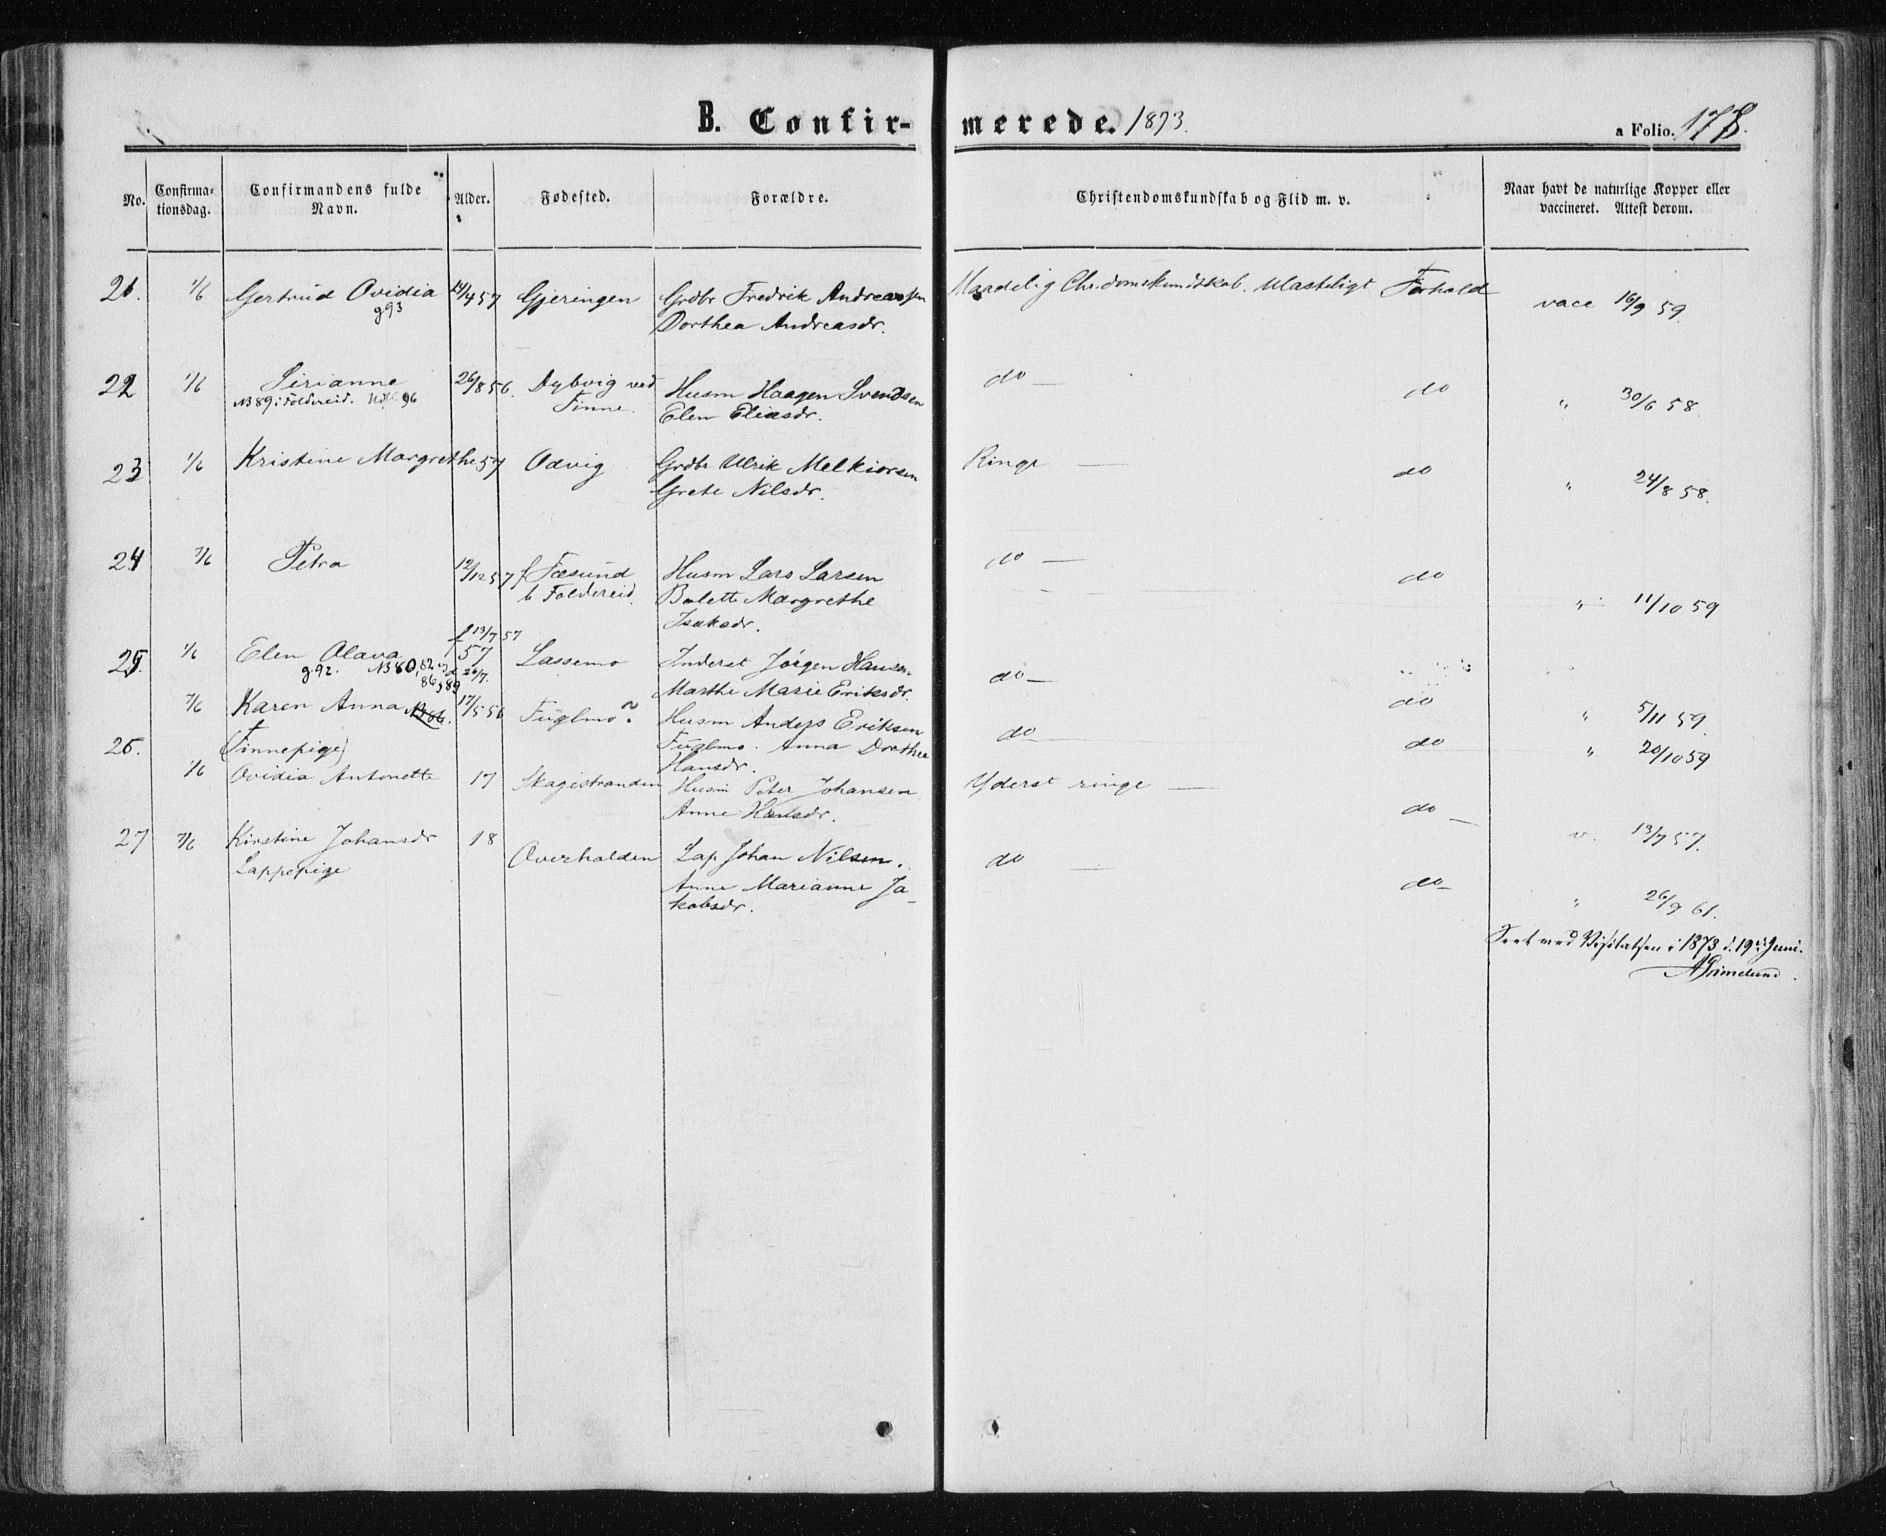 SAT, Ministerialprotokoller, klokkerbøker og fødselsregistre - Nord-Trøndelag, 780/L0641: Ministerialbok nr. 780A06, 1857-1874, s. 178